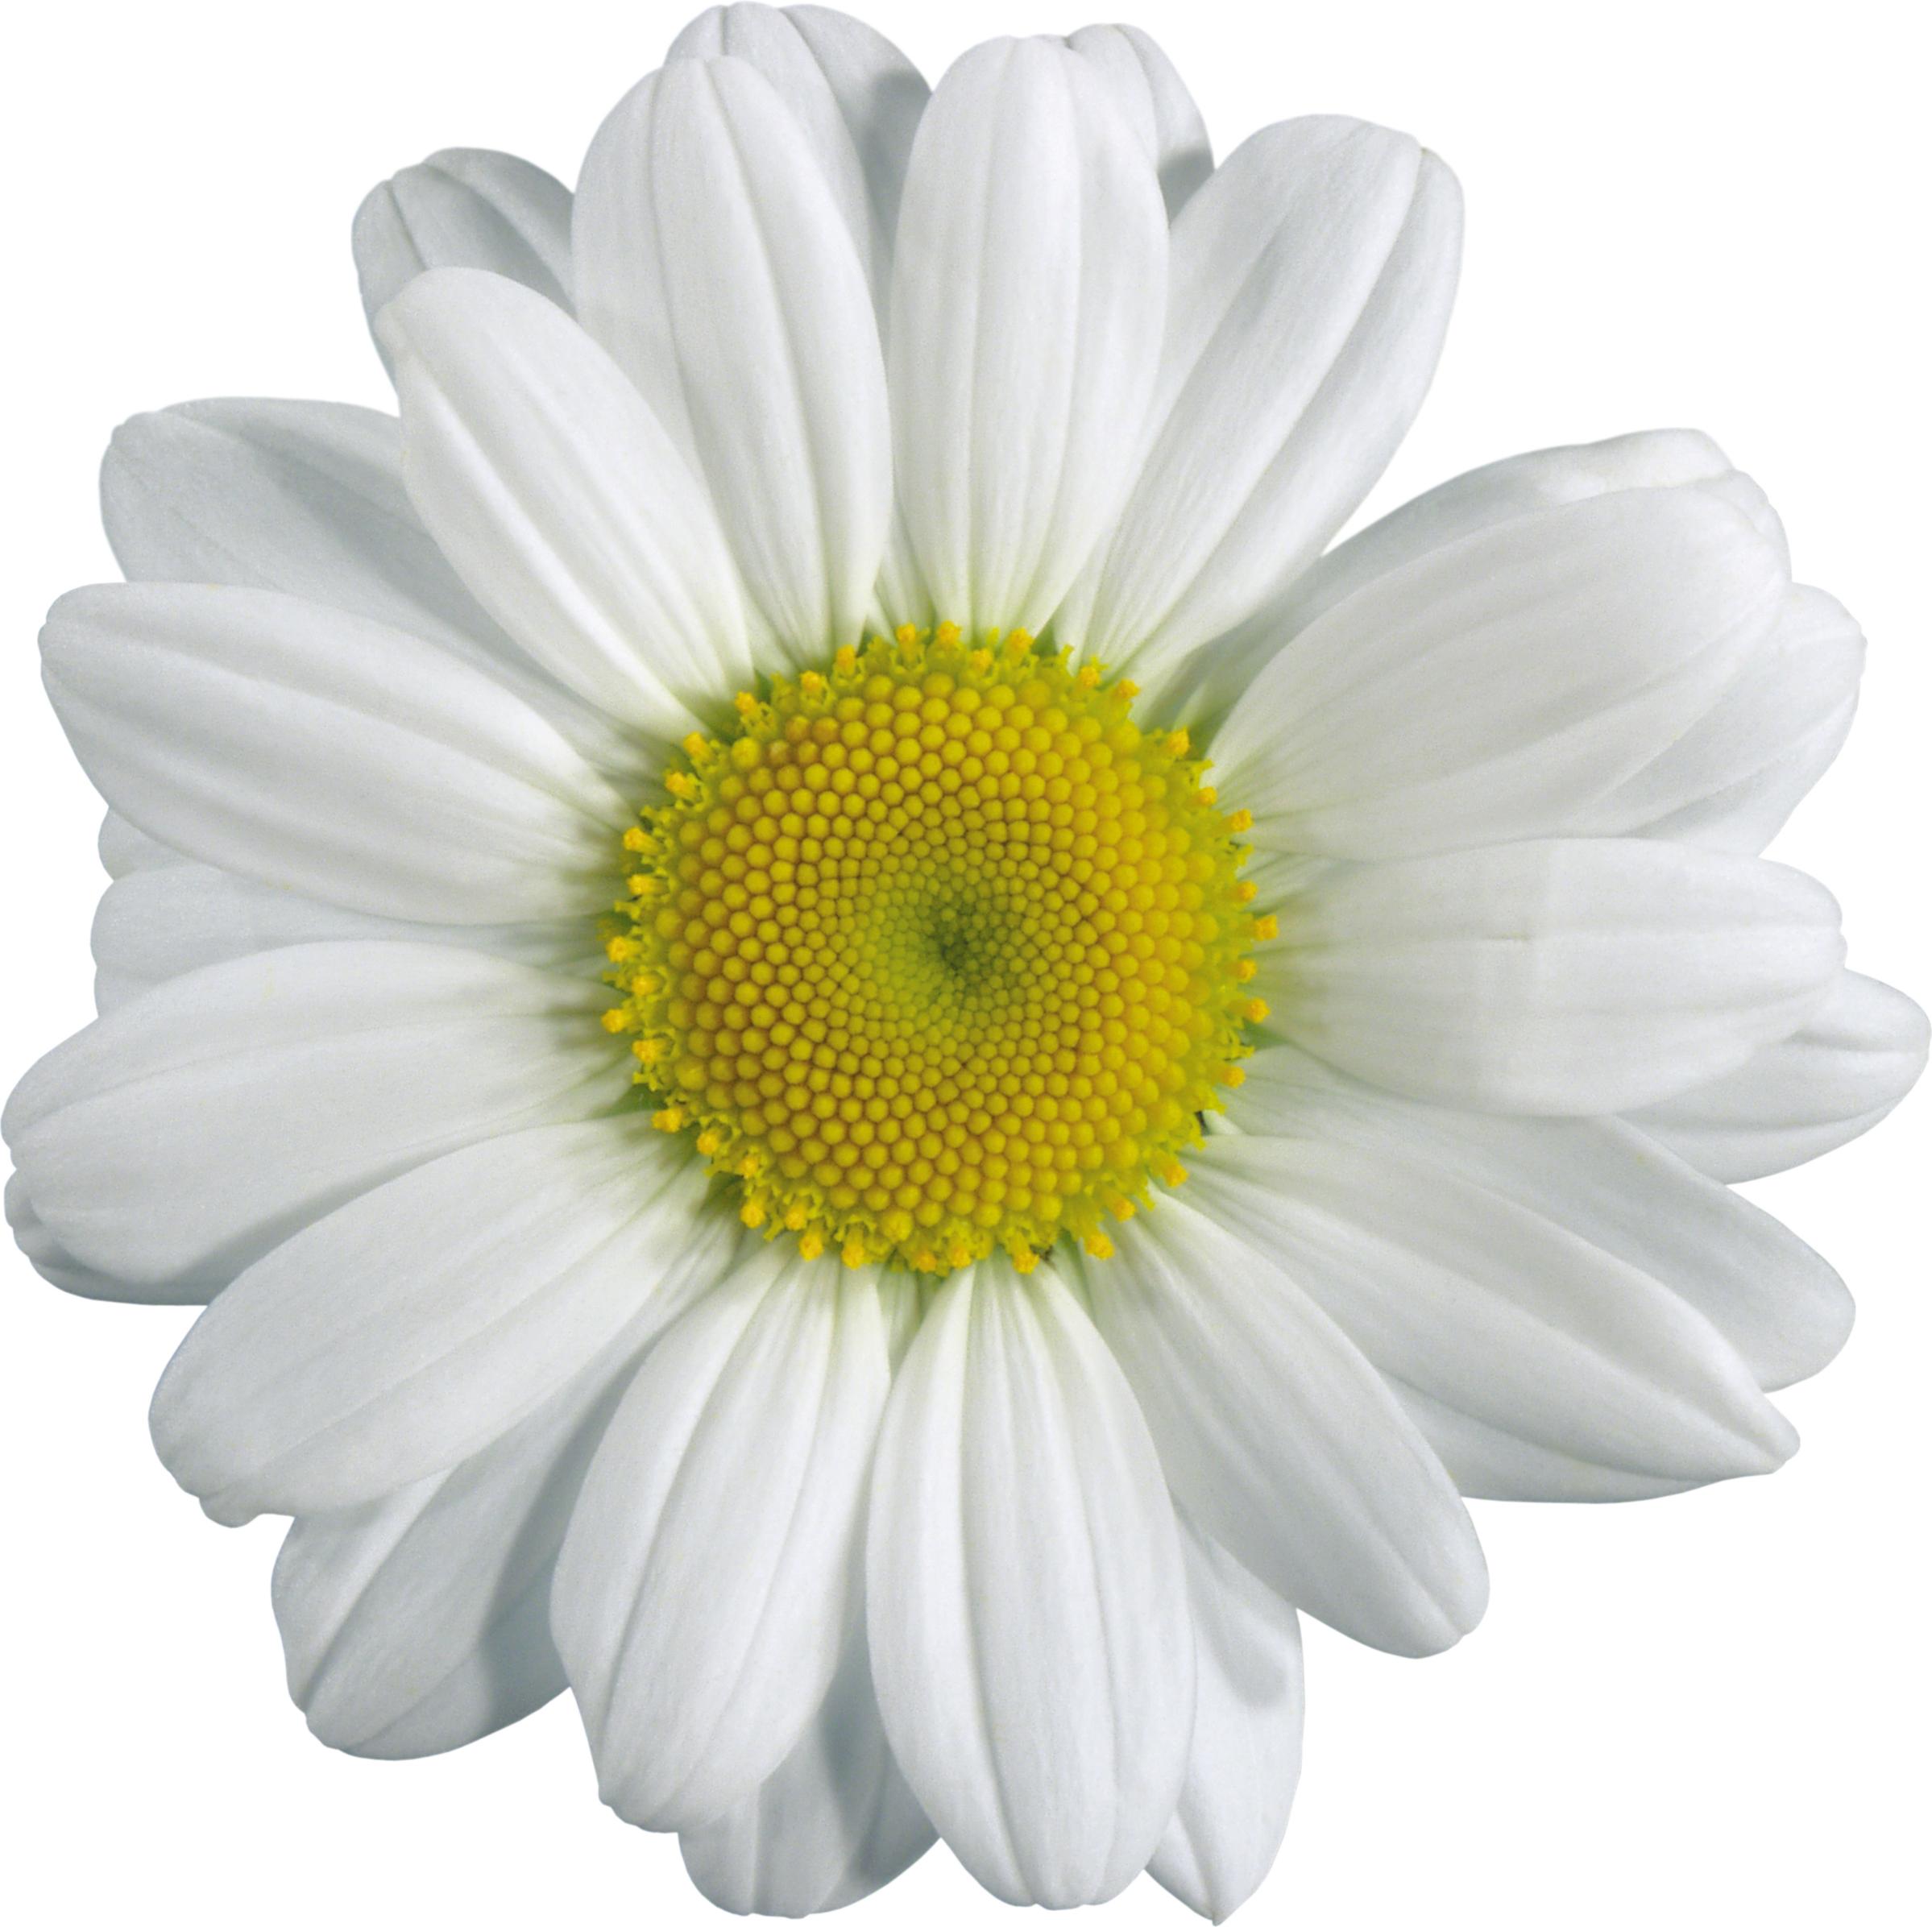 Картинки цветы ромашка для детей » DreemPics.com ...